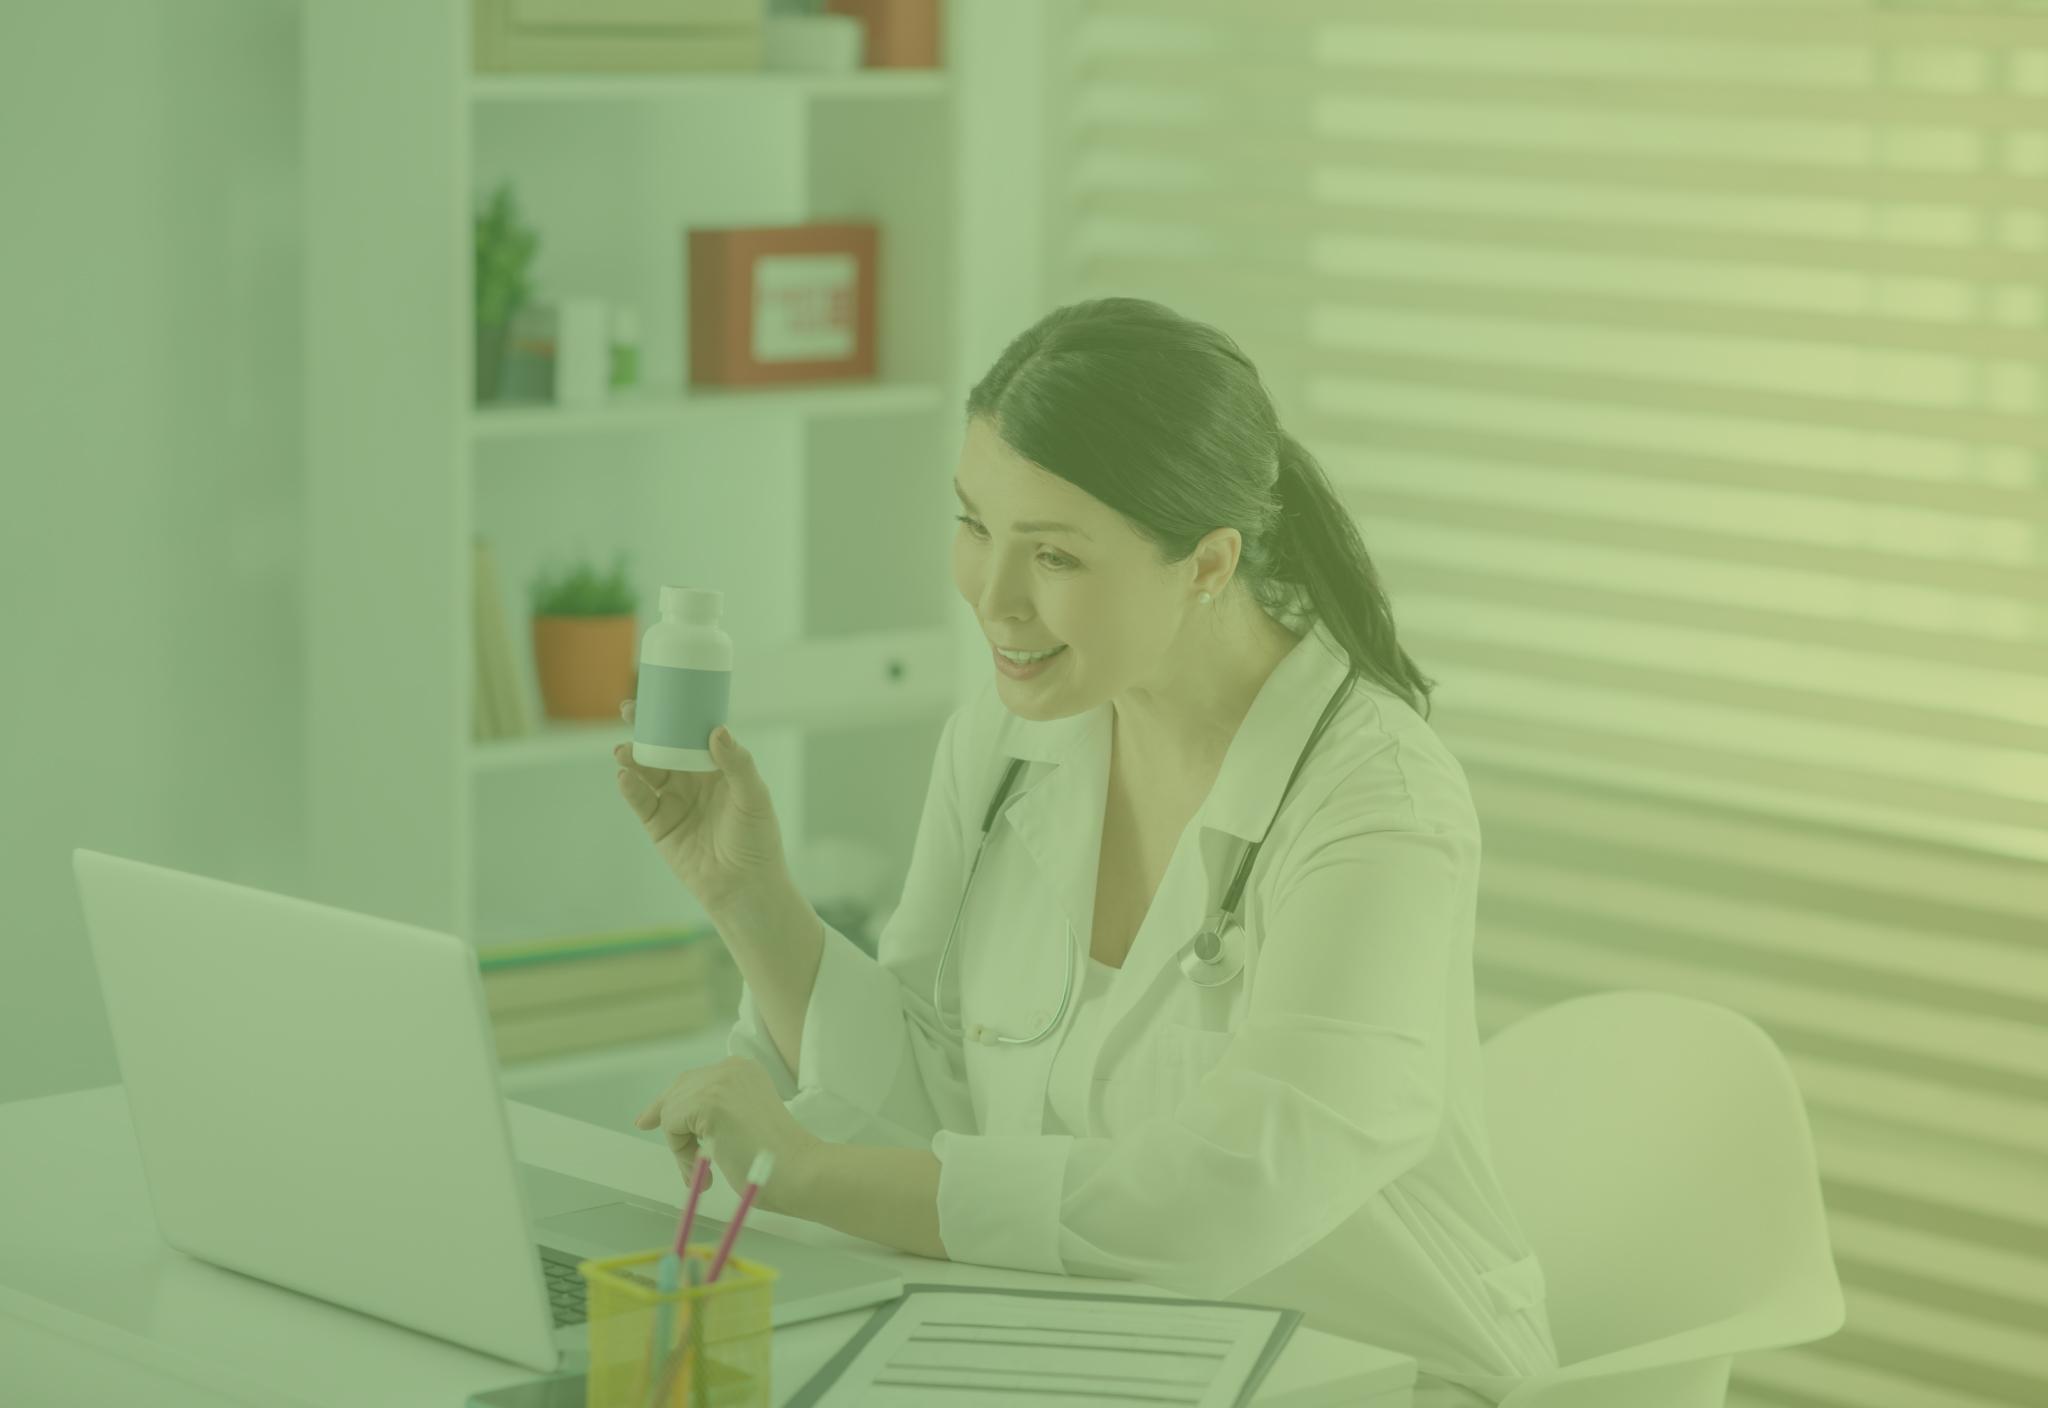 Atendimento híbrido: como aplicar na sua clínica ou consultório?